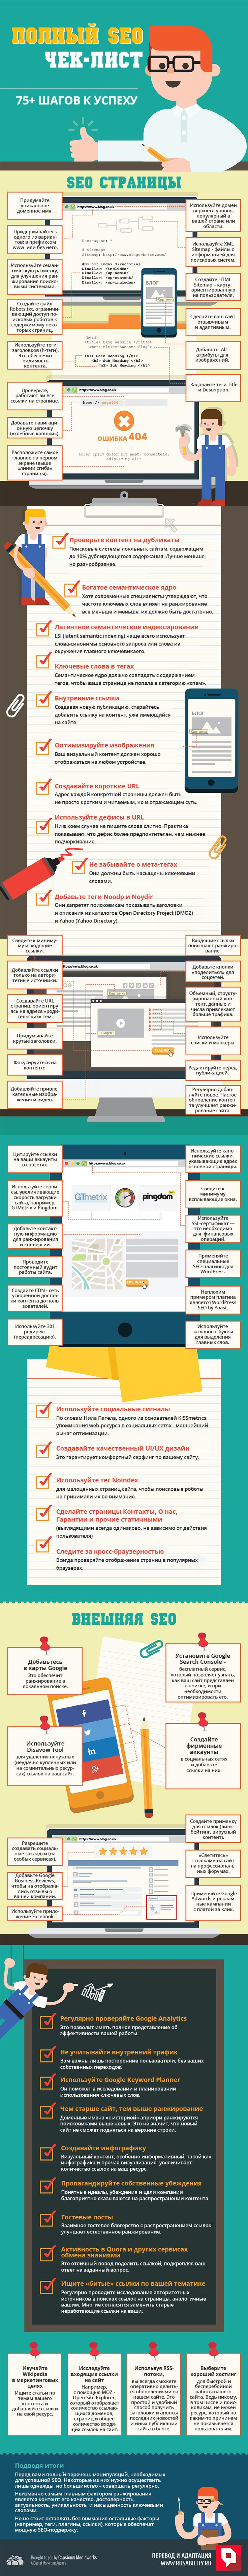 Оптимизация, поиск, SEO, ключевые слова, сайт, страница, инфографика, маркетинг